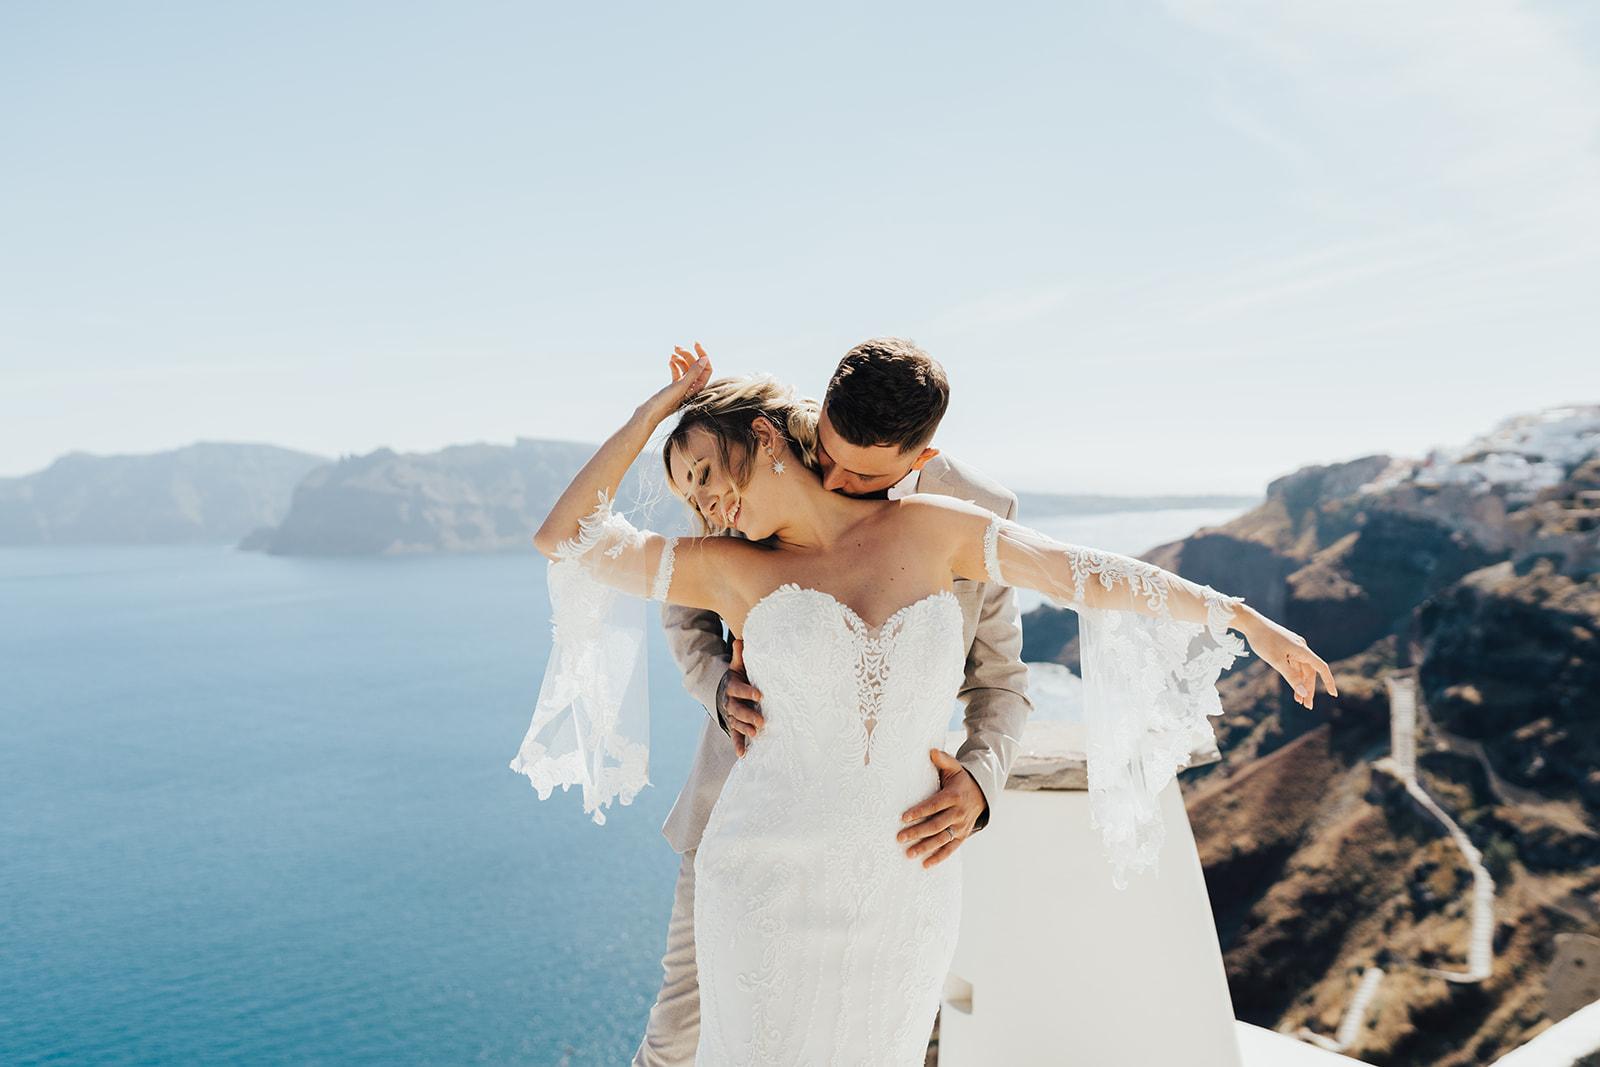 Beach Elopement Wedding